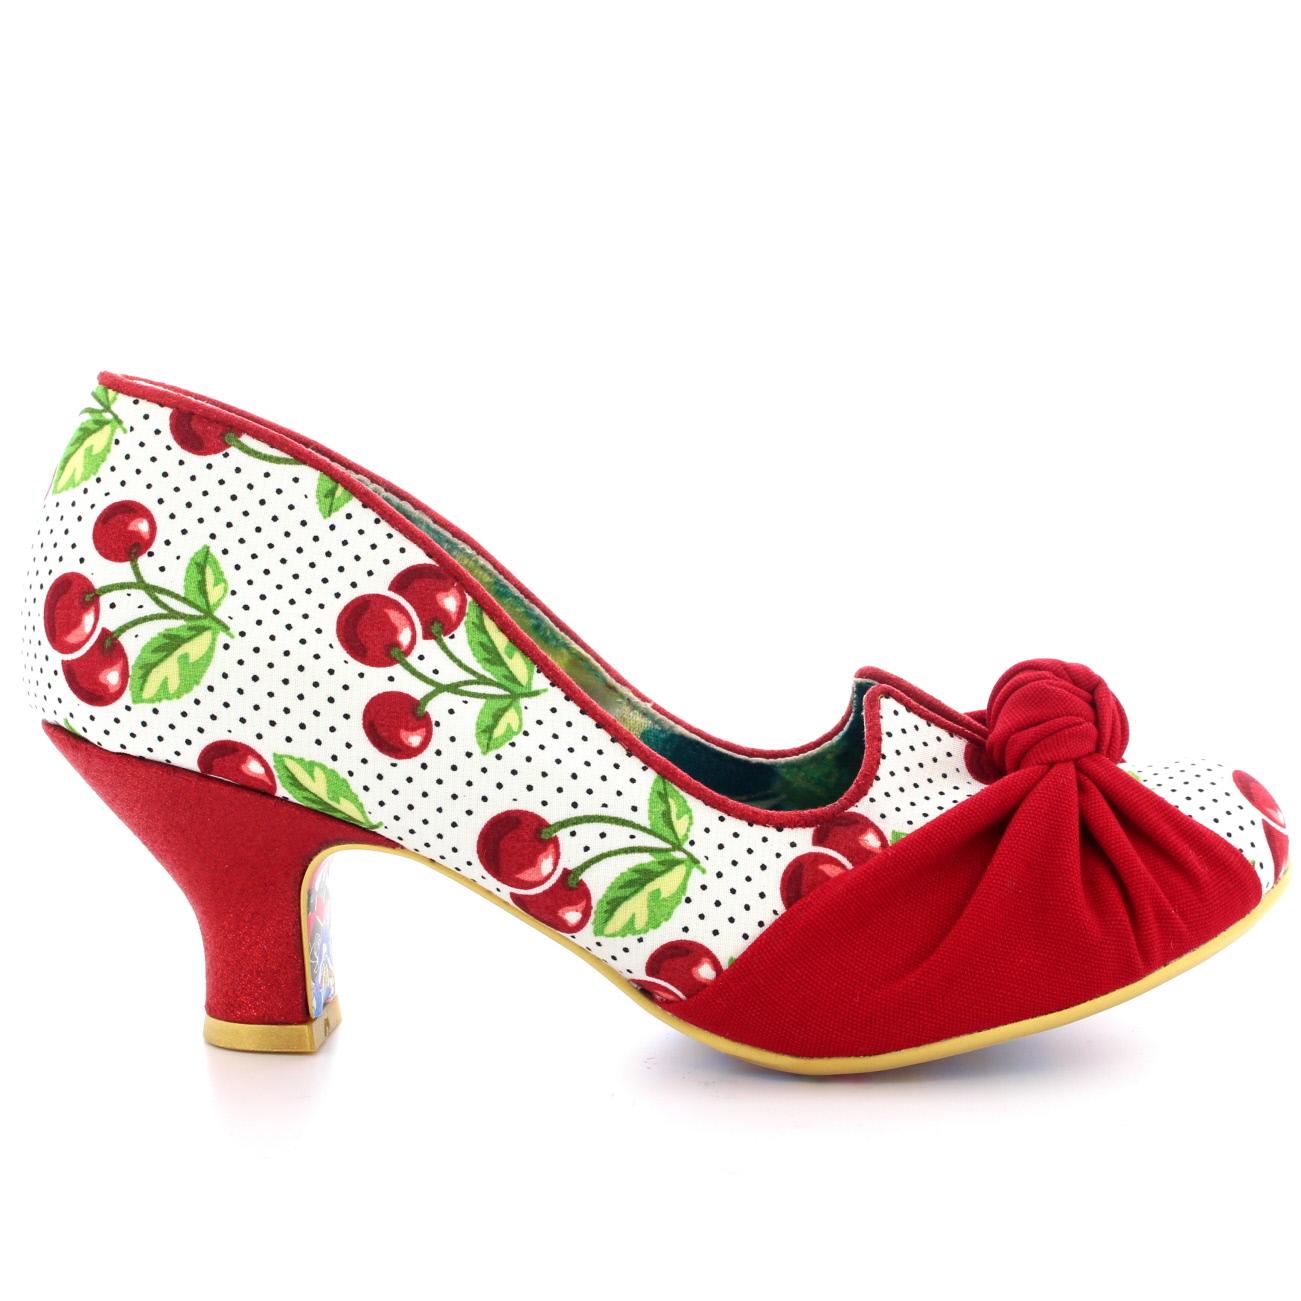 Kitten Heel Court Shoes Uk